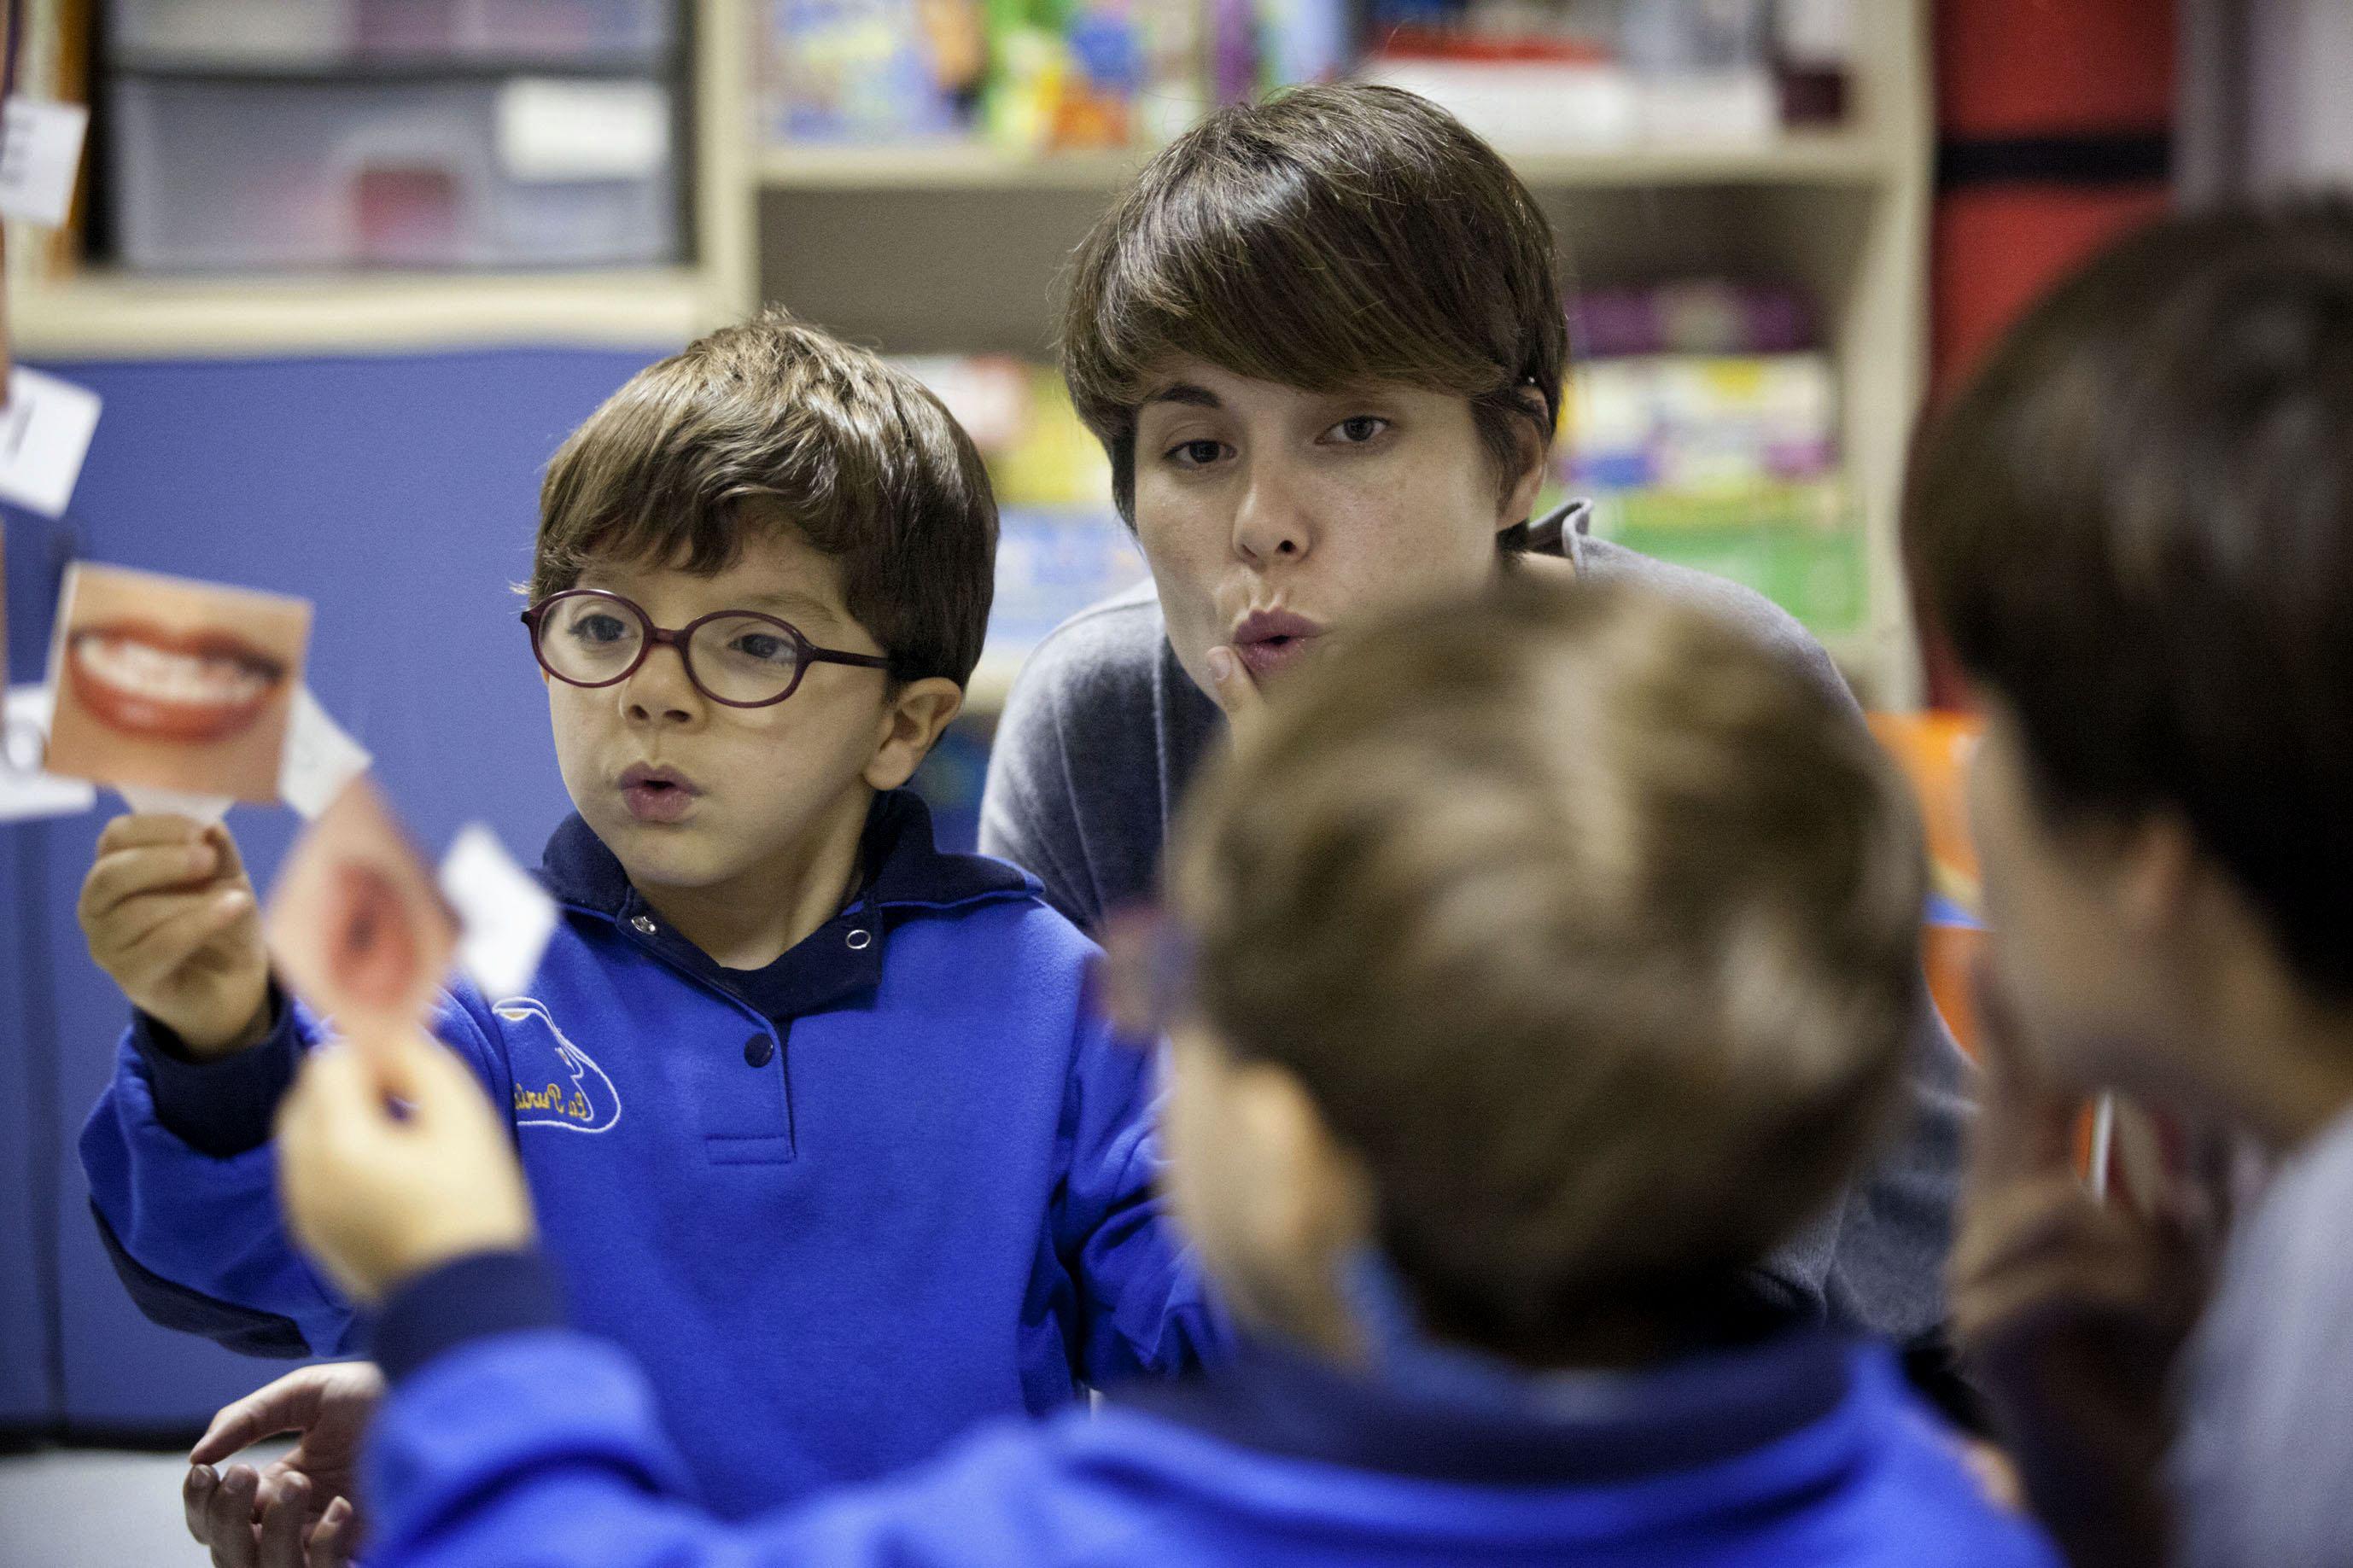 Niños y discapacidad intelectual: cómo abordar la cuarentena en familia